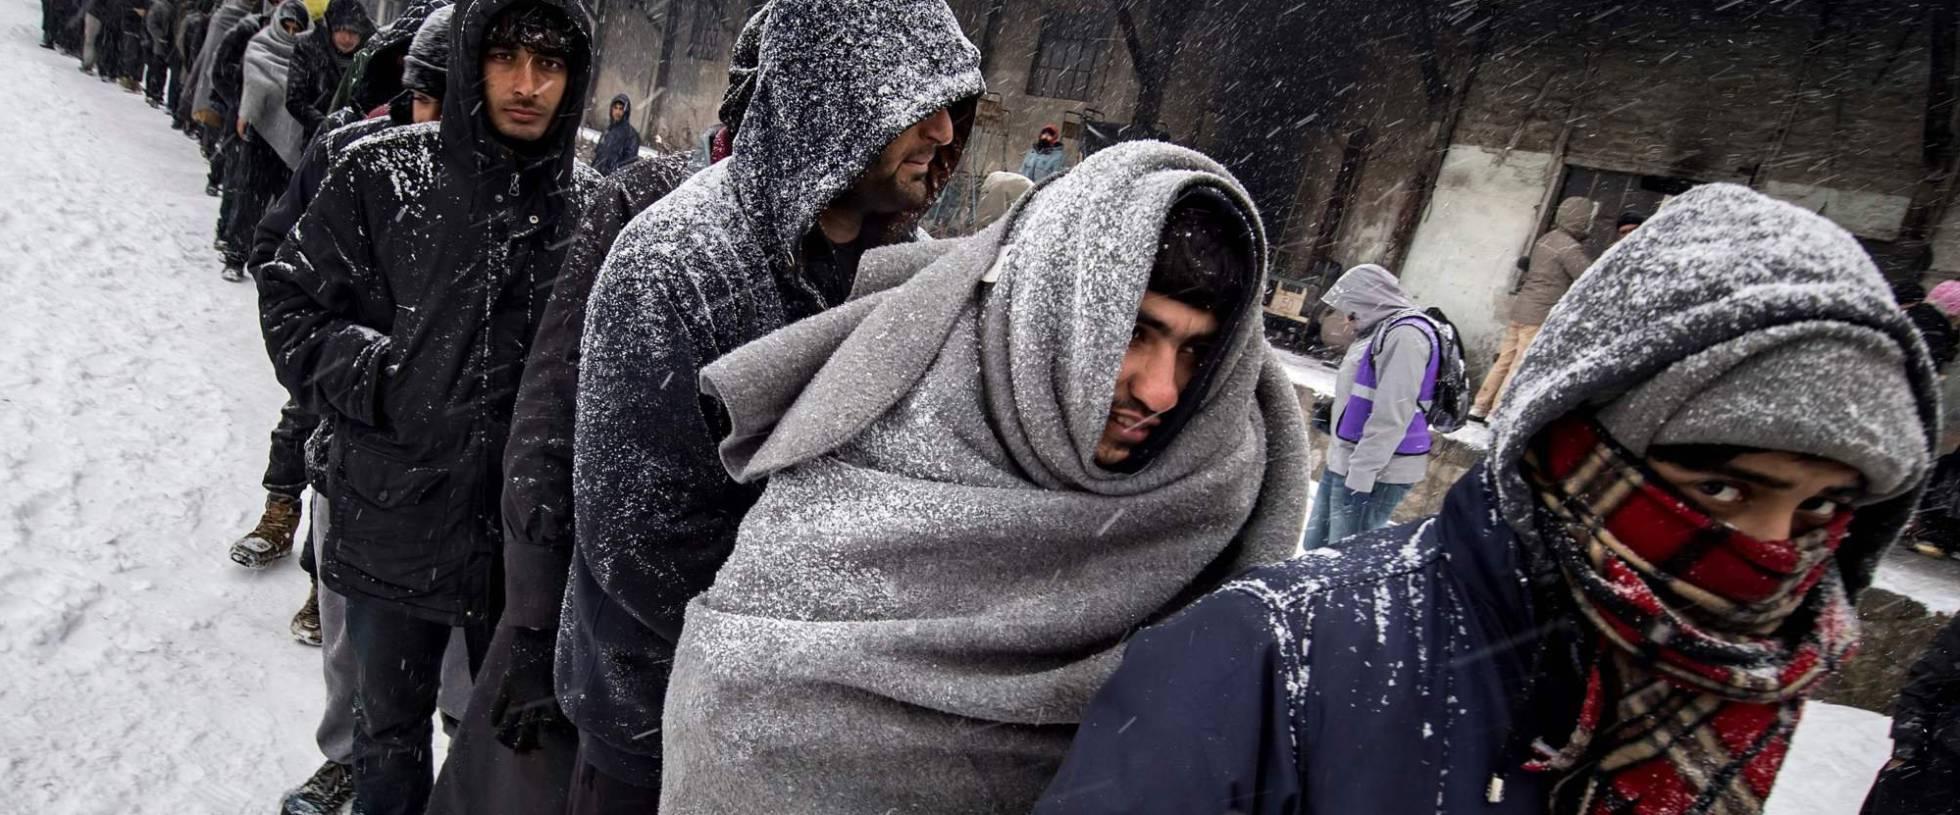 Imigrantes em um refúgio de Belgrado.